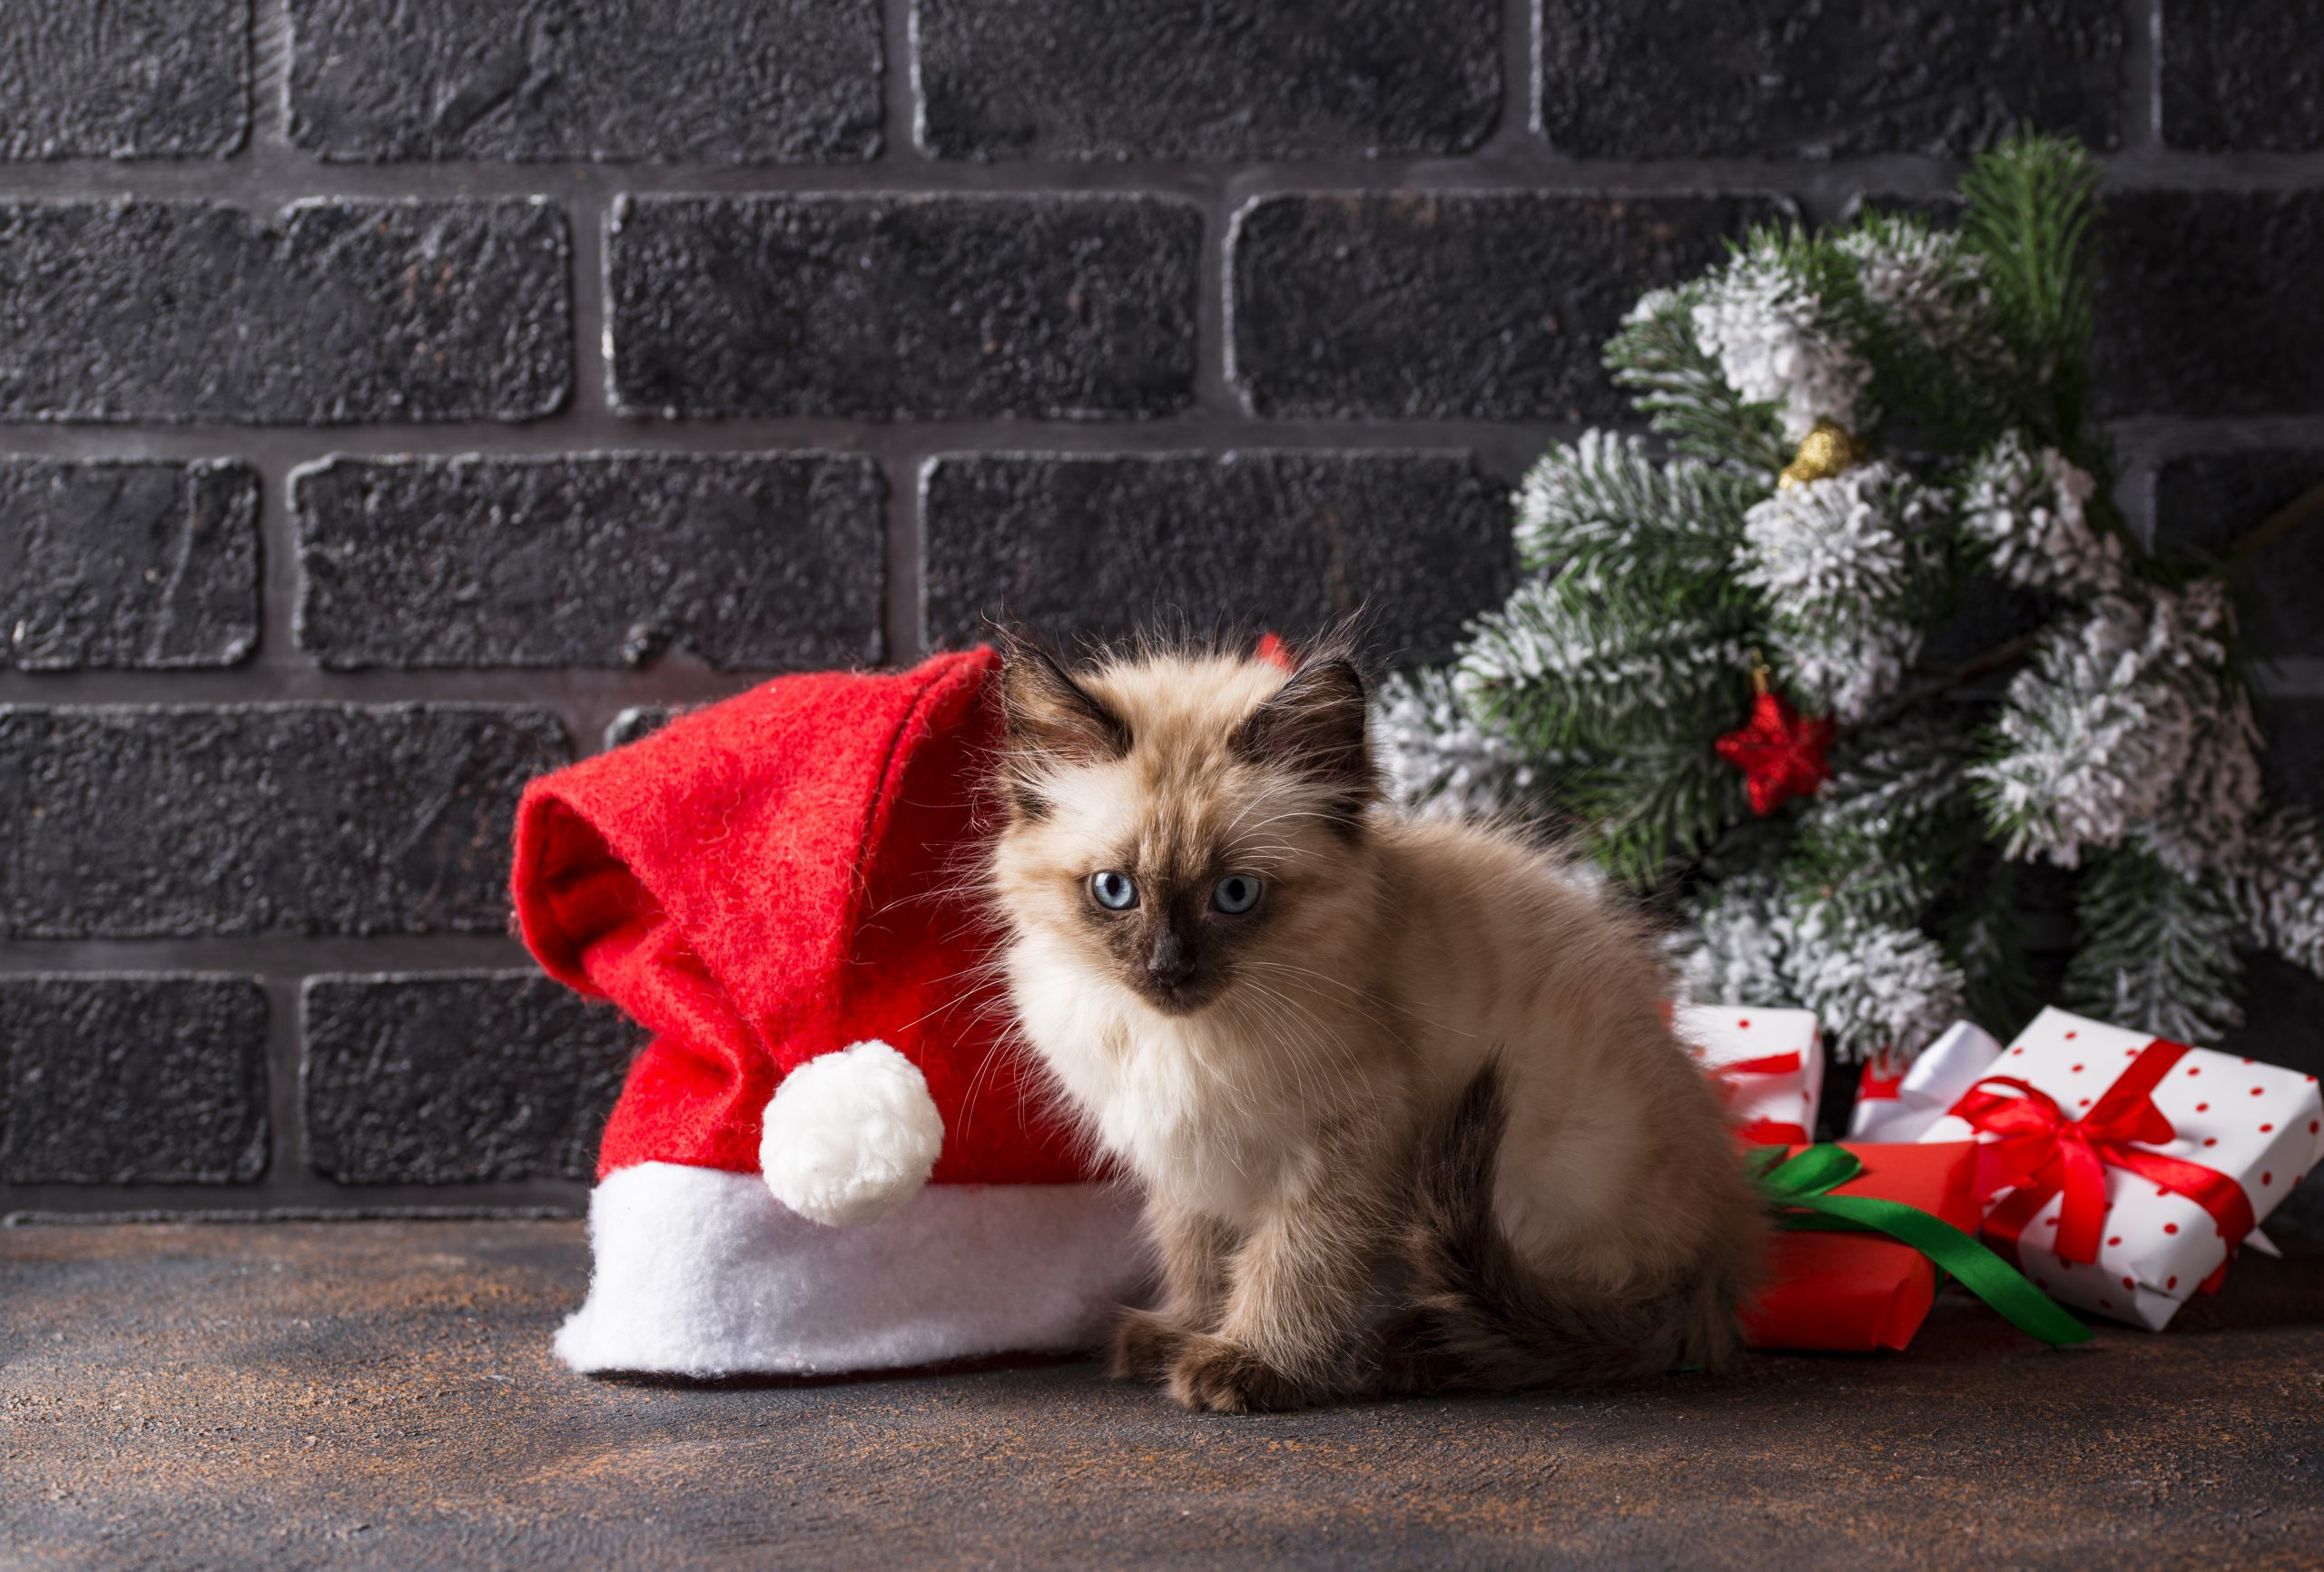 yılbaşı şapkası ve ağacı önünde duran yavru kedi